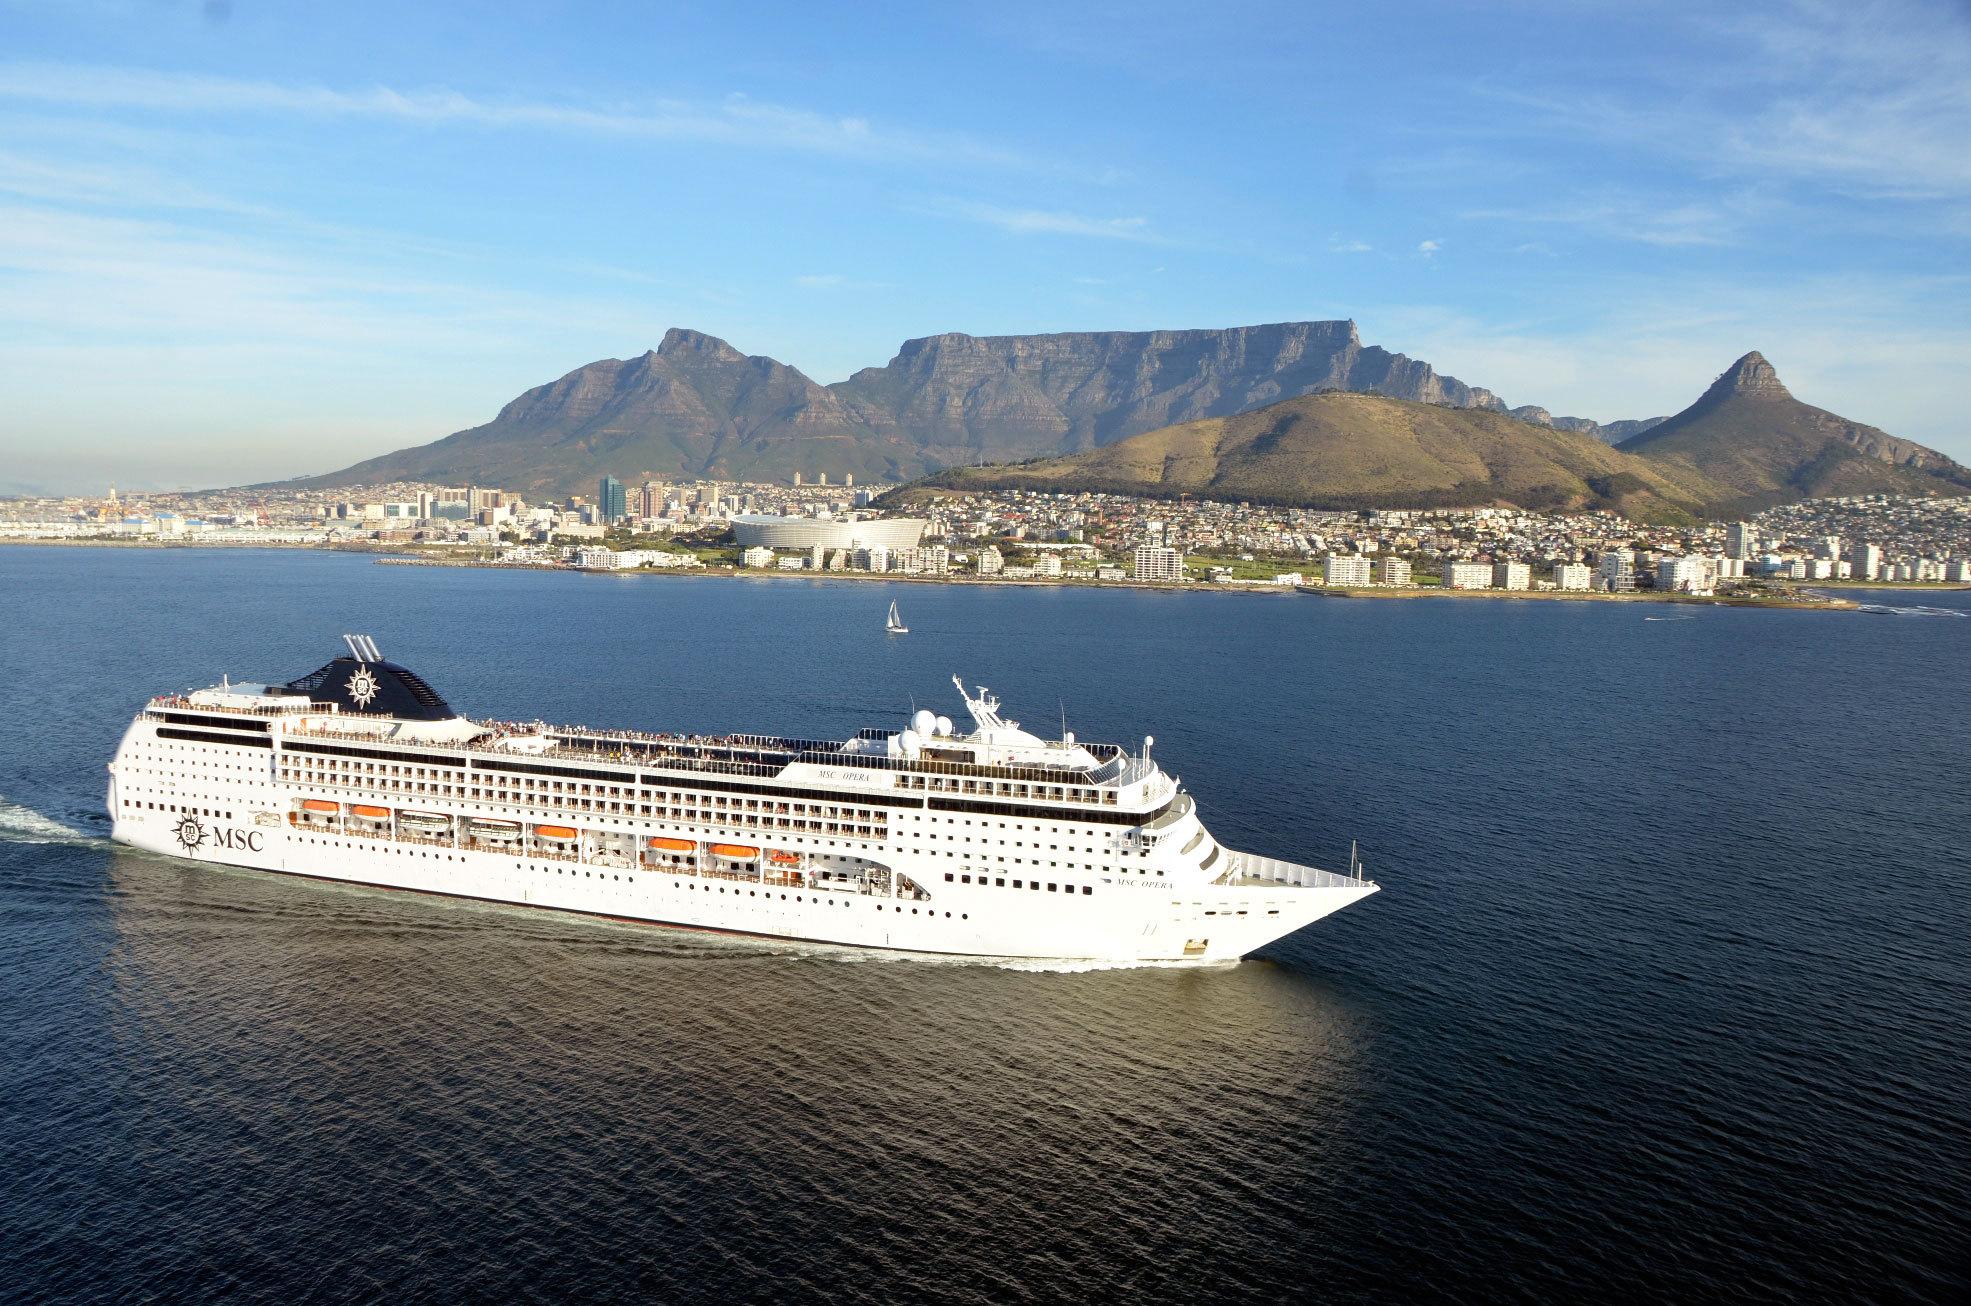 MSC Opera är ett medelstort fartyg på 66000 bruttoton. Foto: MSC Cruises